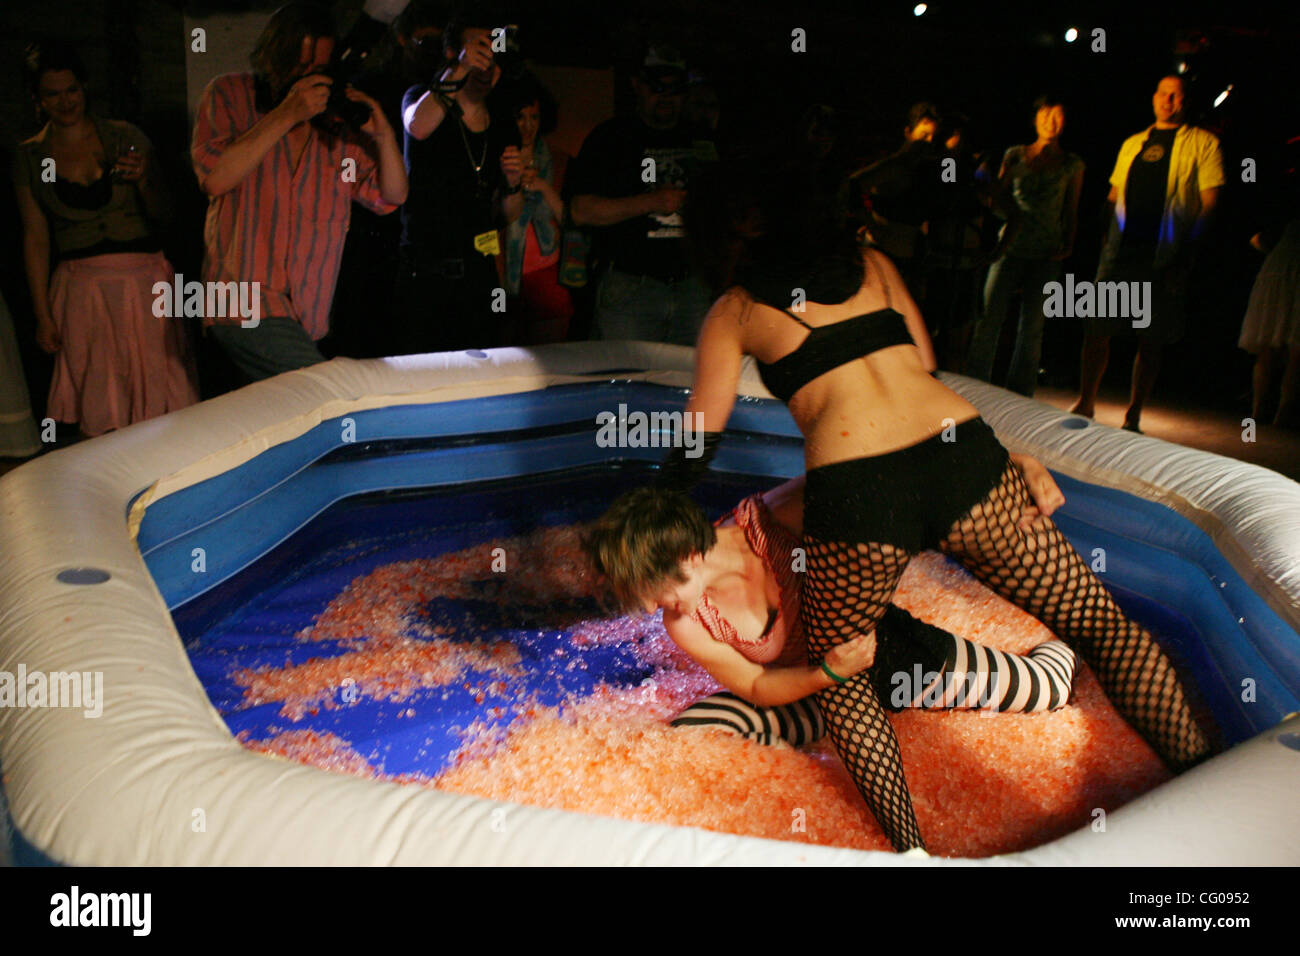 female nude jello wrestling